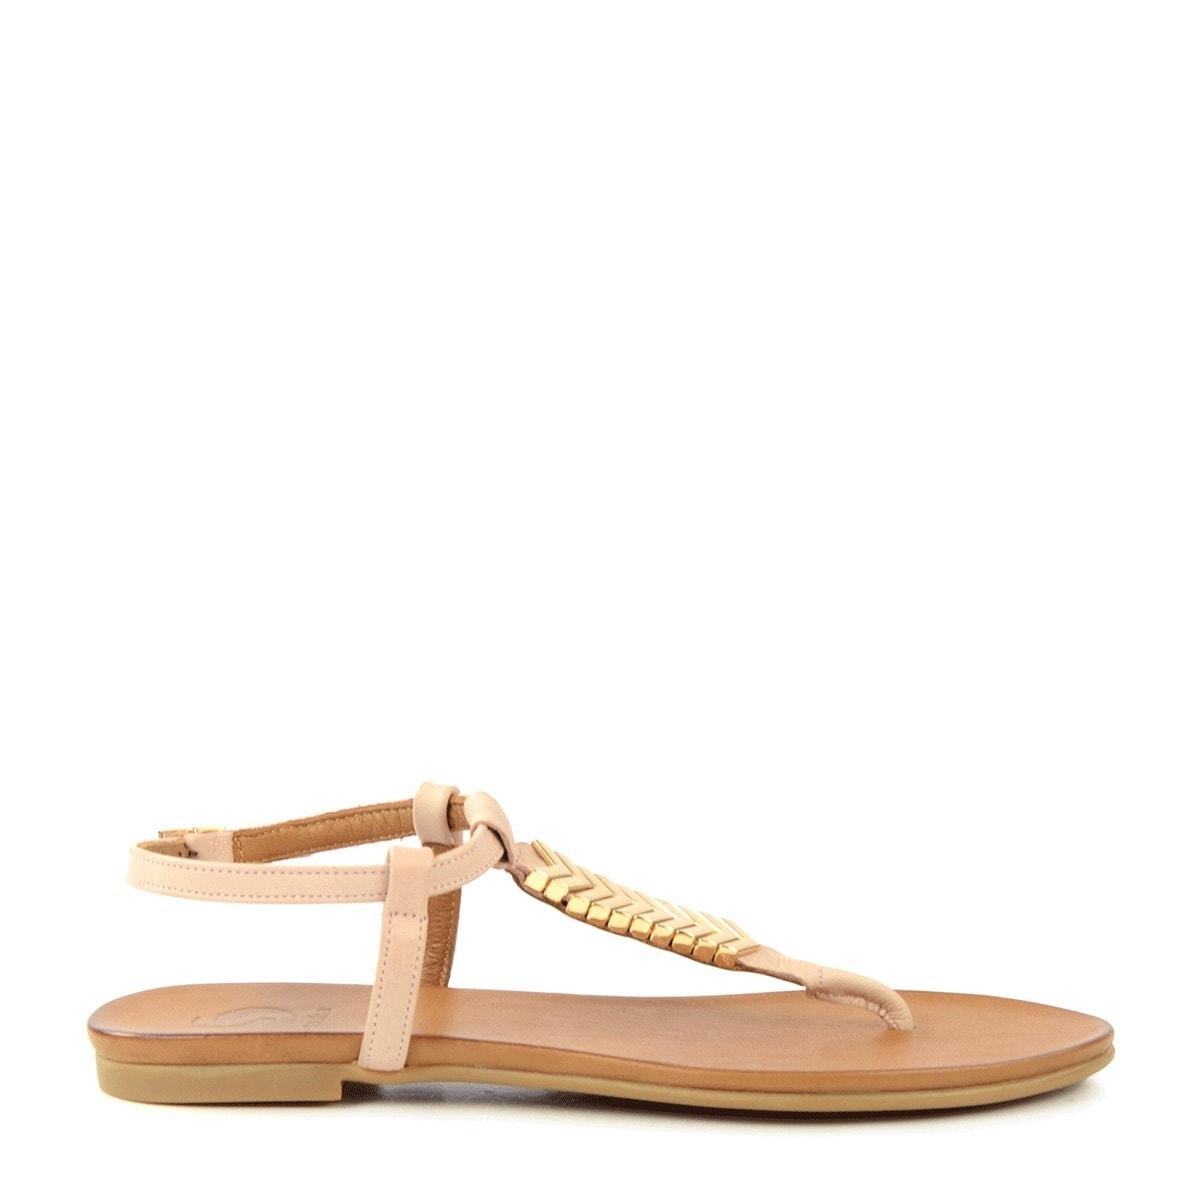 nude-sandalen-met-gouden-details-trouwschoenen-sascha